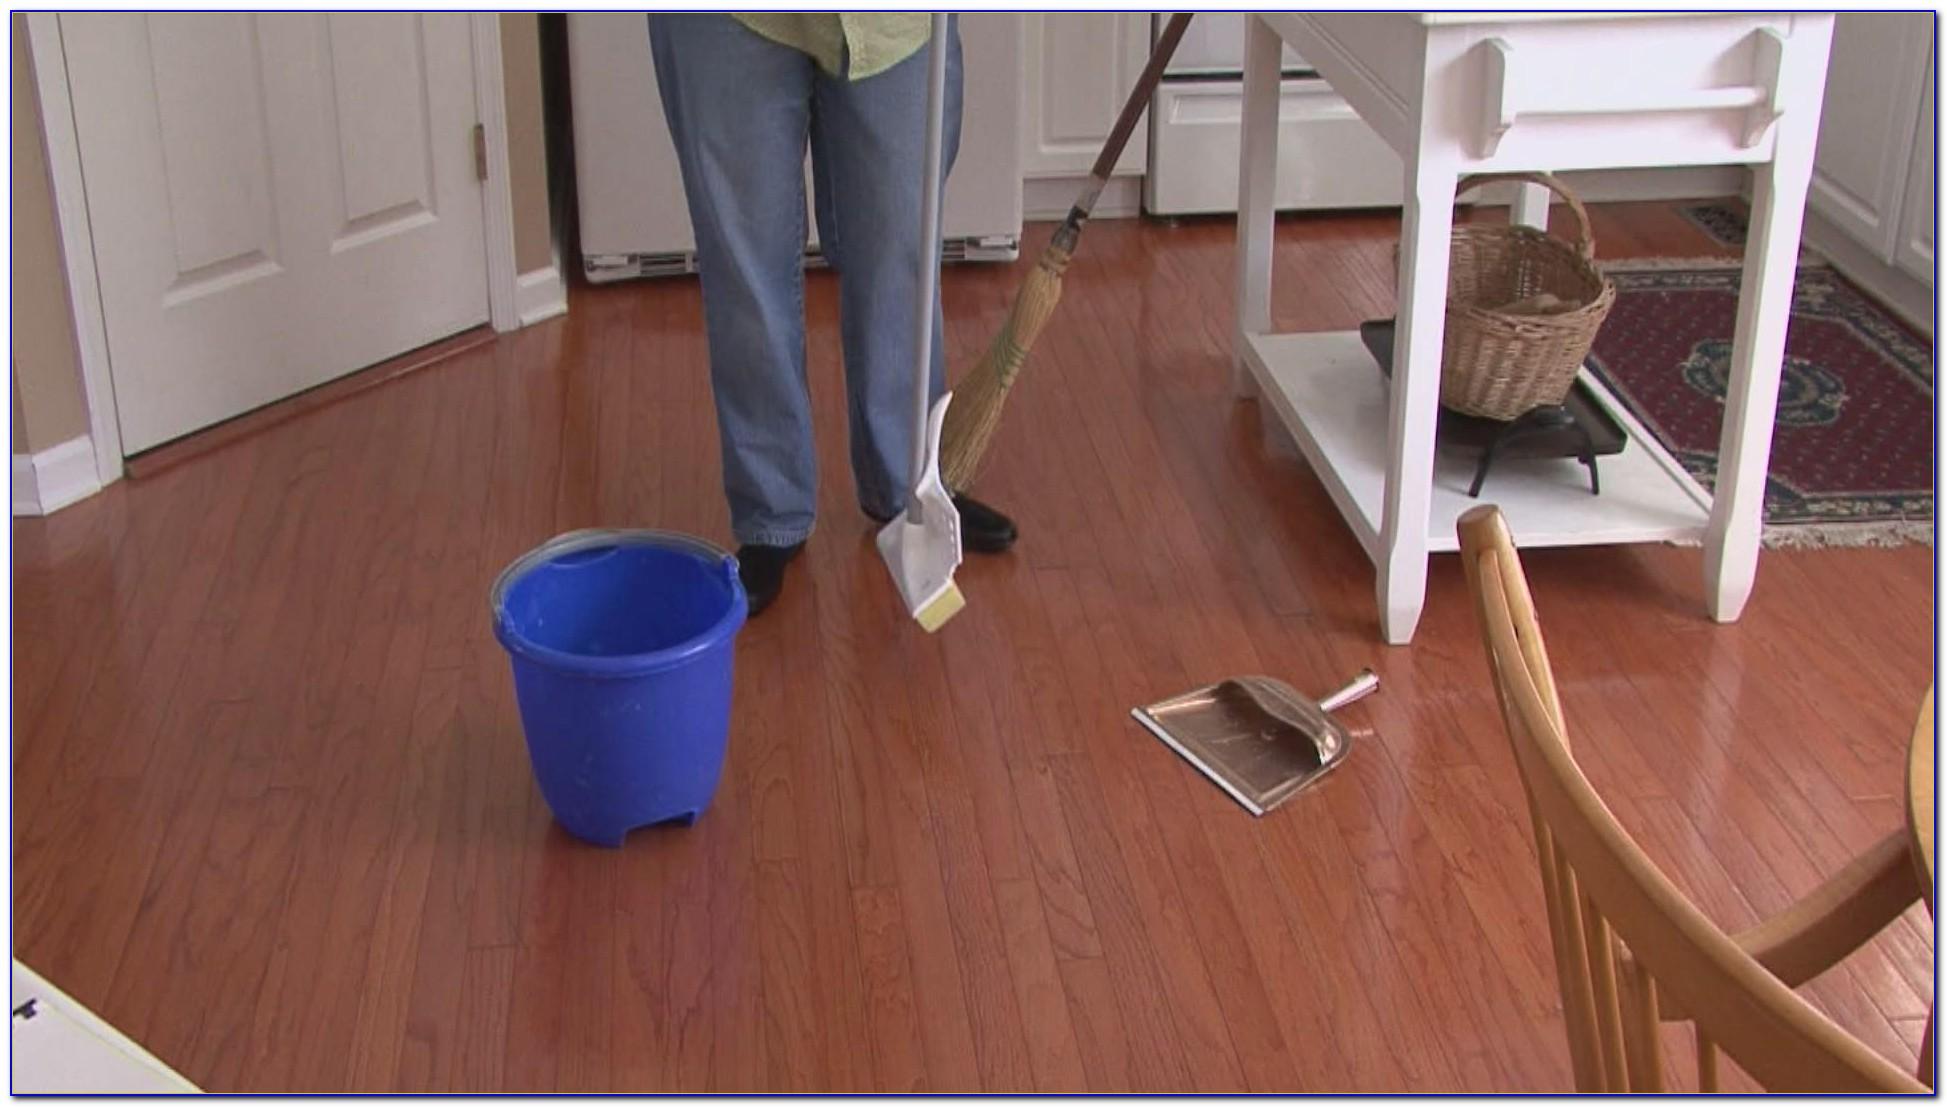 Best Wet Cleaner For Hardwood Floors